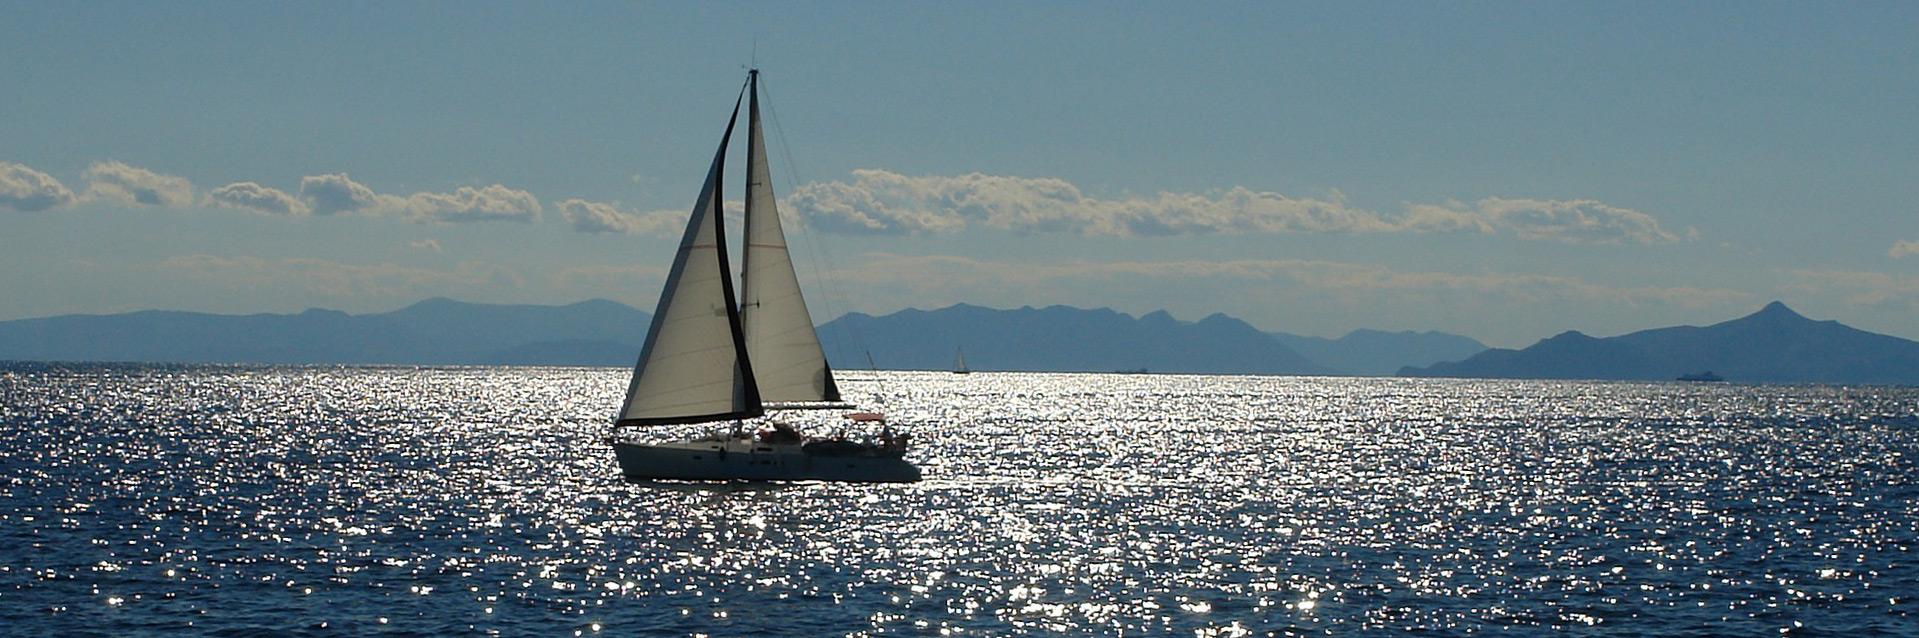 sailing_kefalonia_12